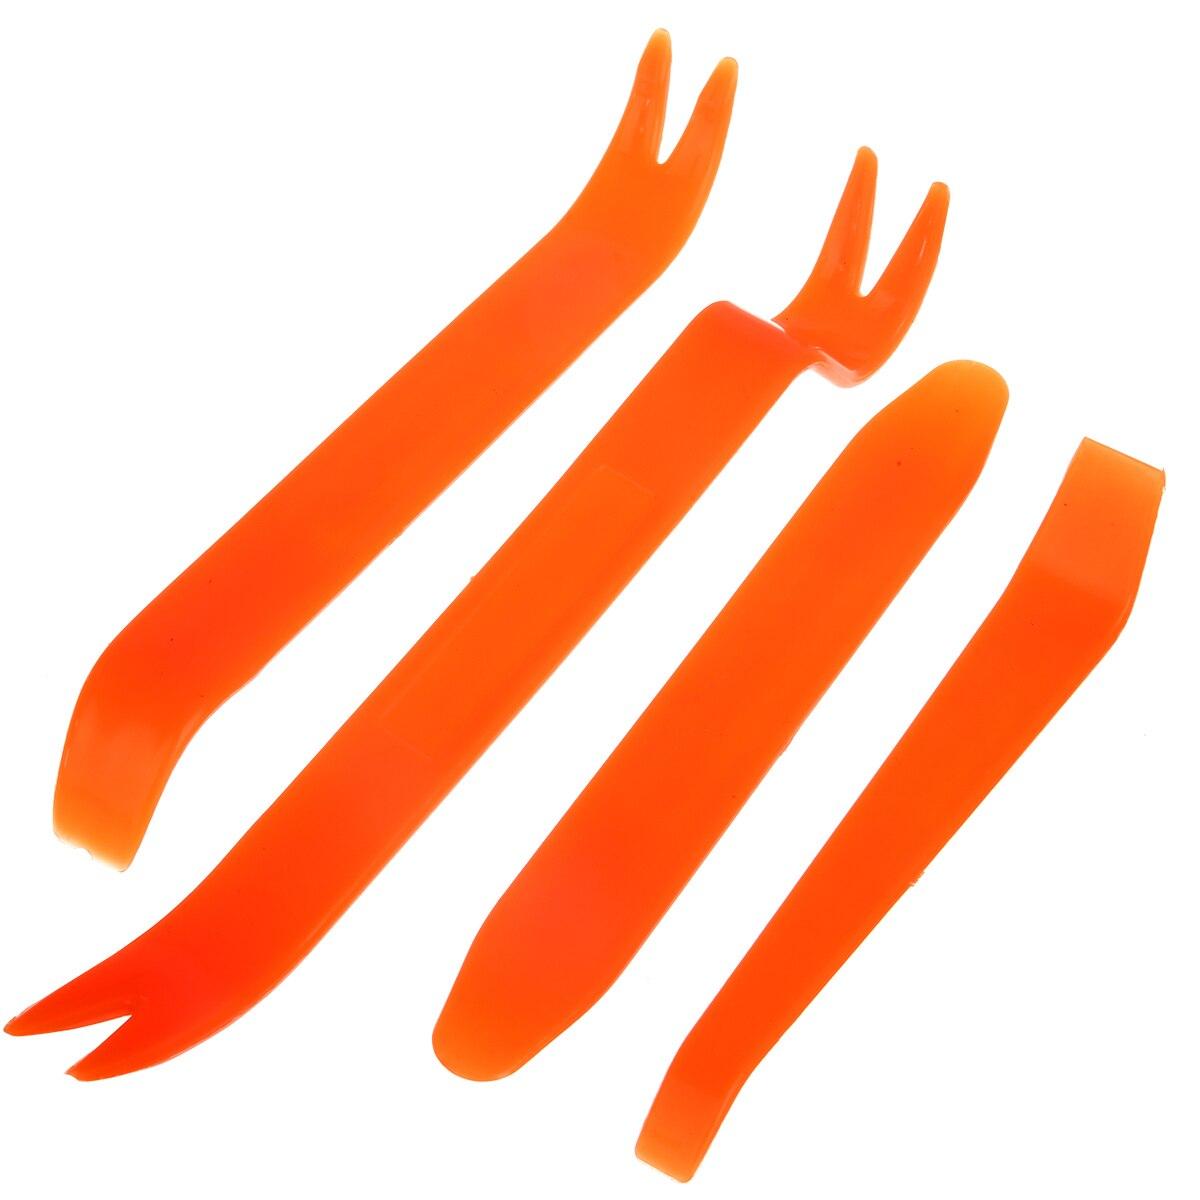 4pcs/set Car Radio Door Clip Panel Trim Dash Audio Removal Installer Pry Tool Plastic Remove Trim Molding Tools